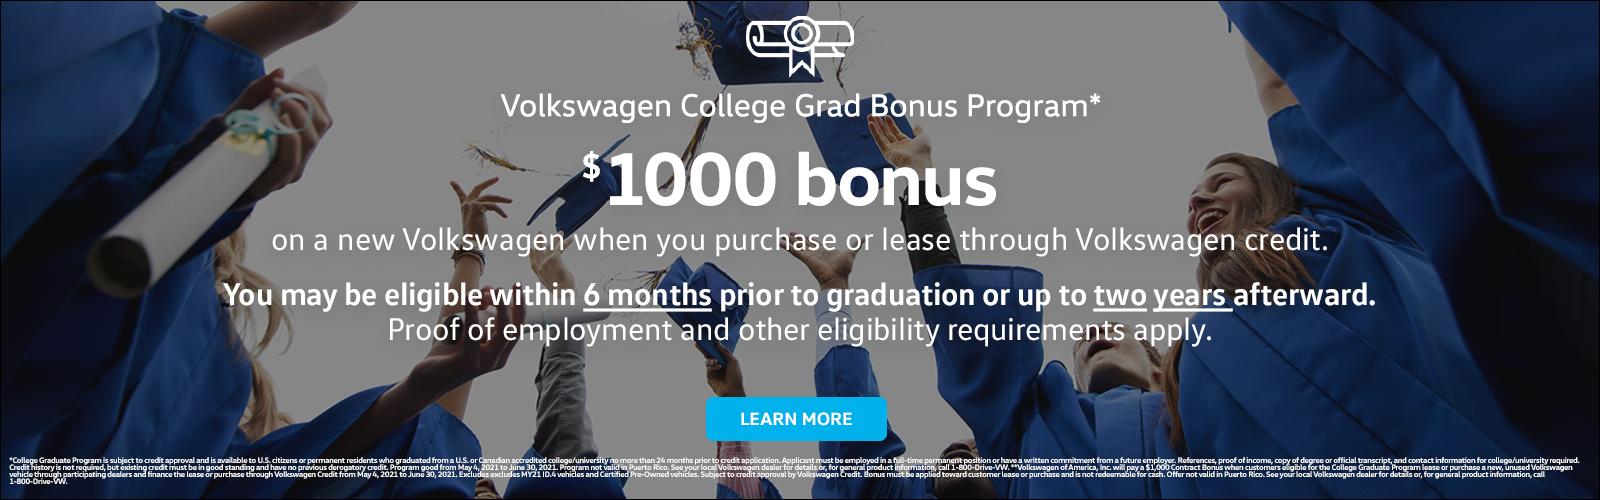 NER College Grad_1600x500 Updated